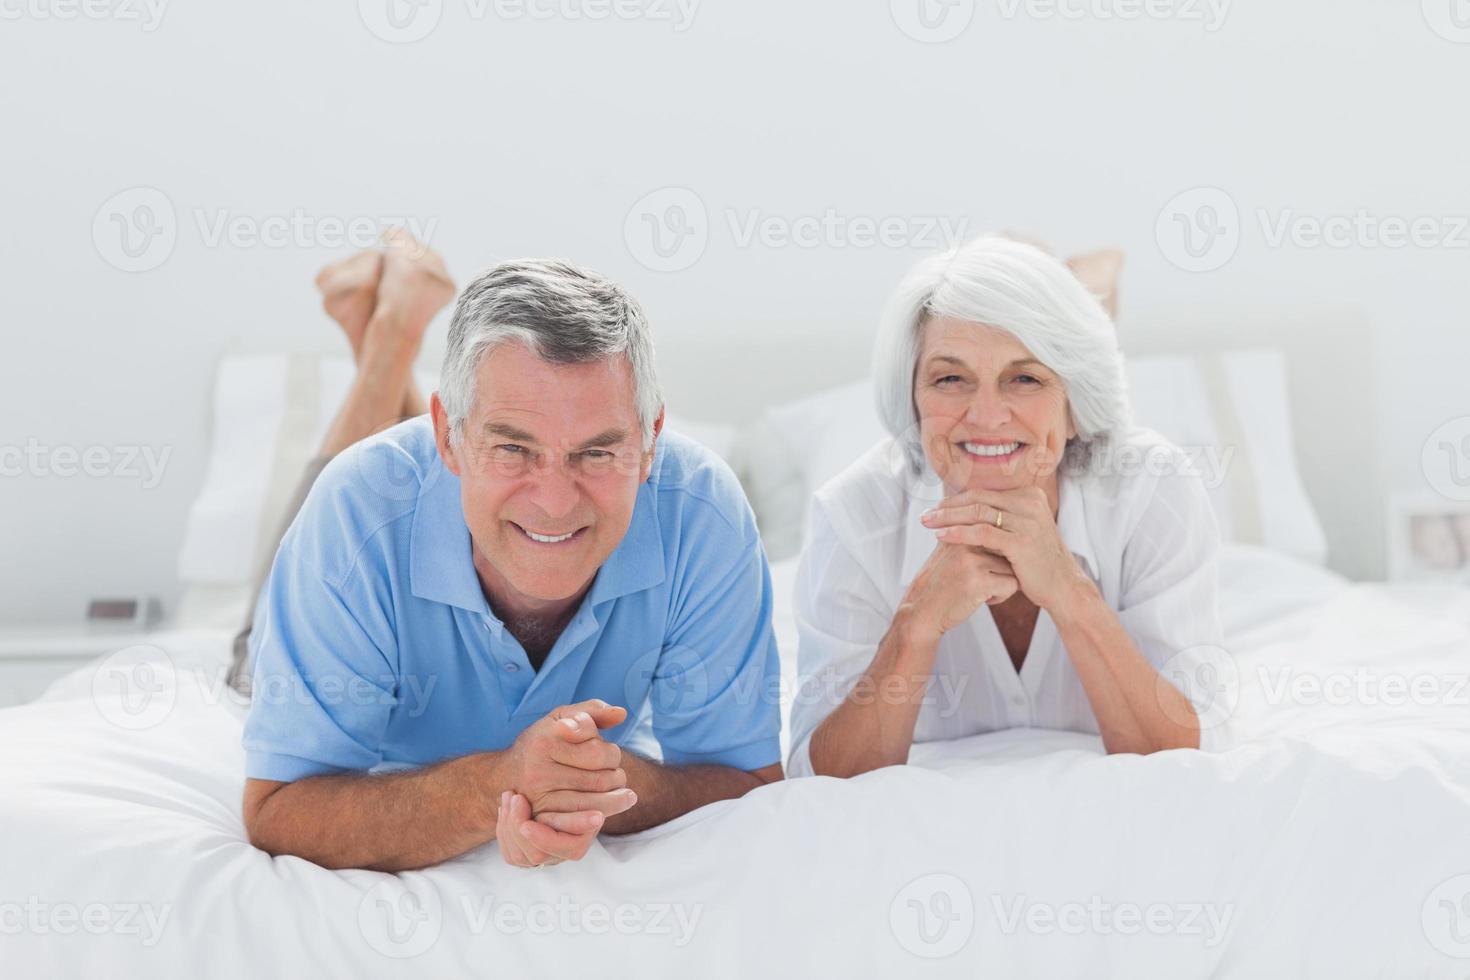 paar samen in bed liggen foto